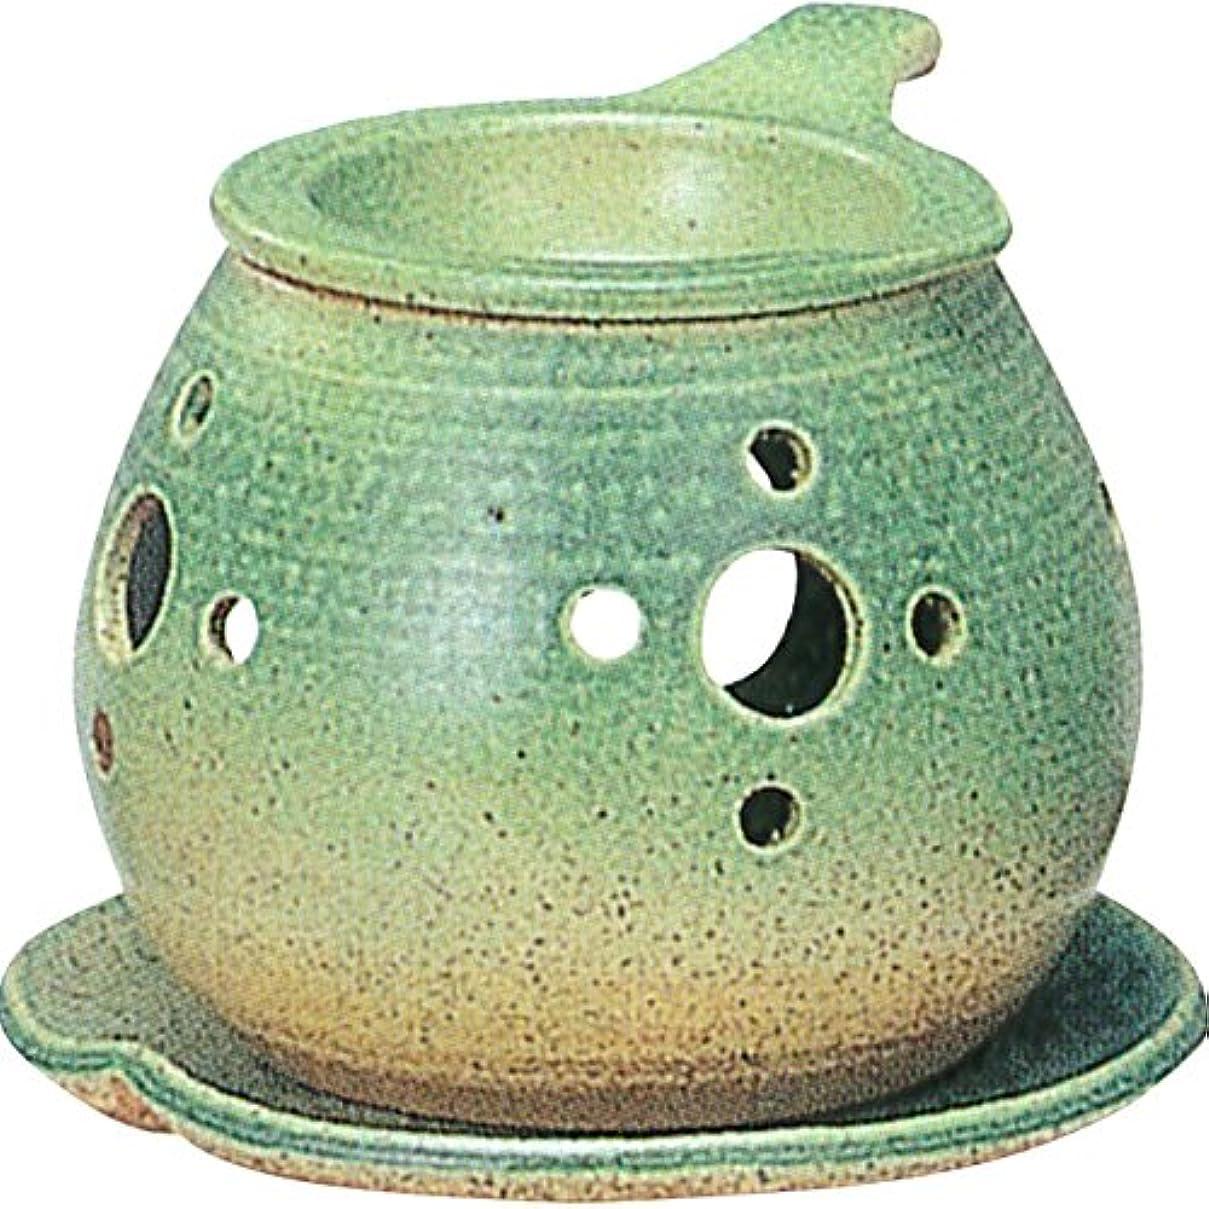 接地起きる重要な茶香炉 : 常滑焼 間宮 茶香炉? ル35-02